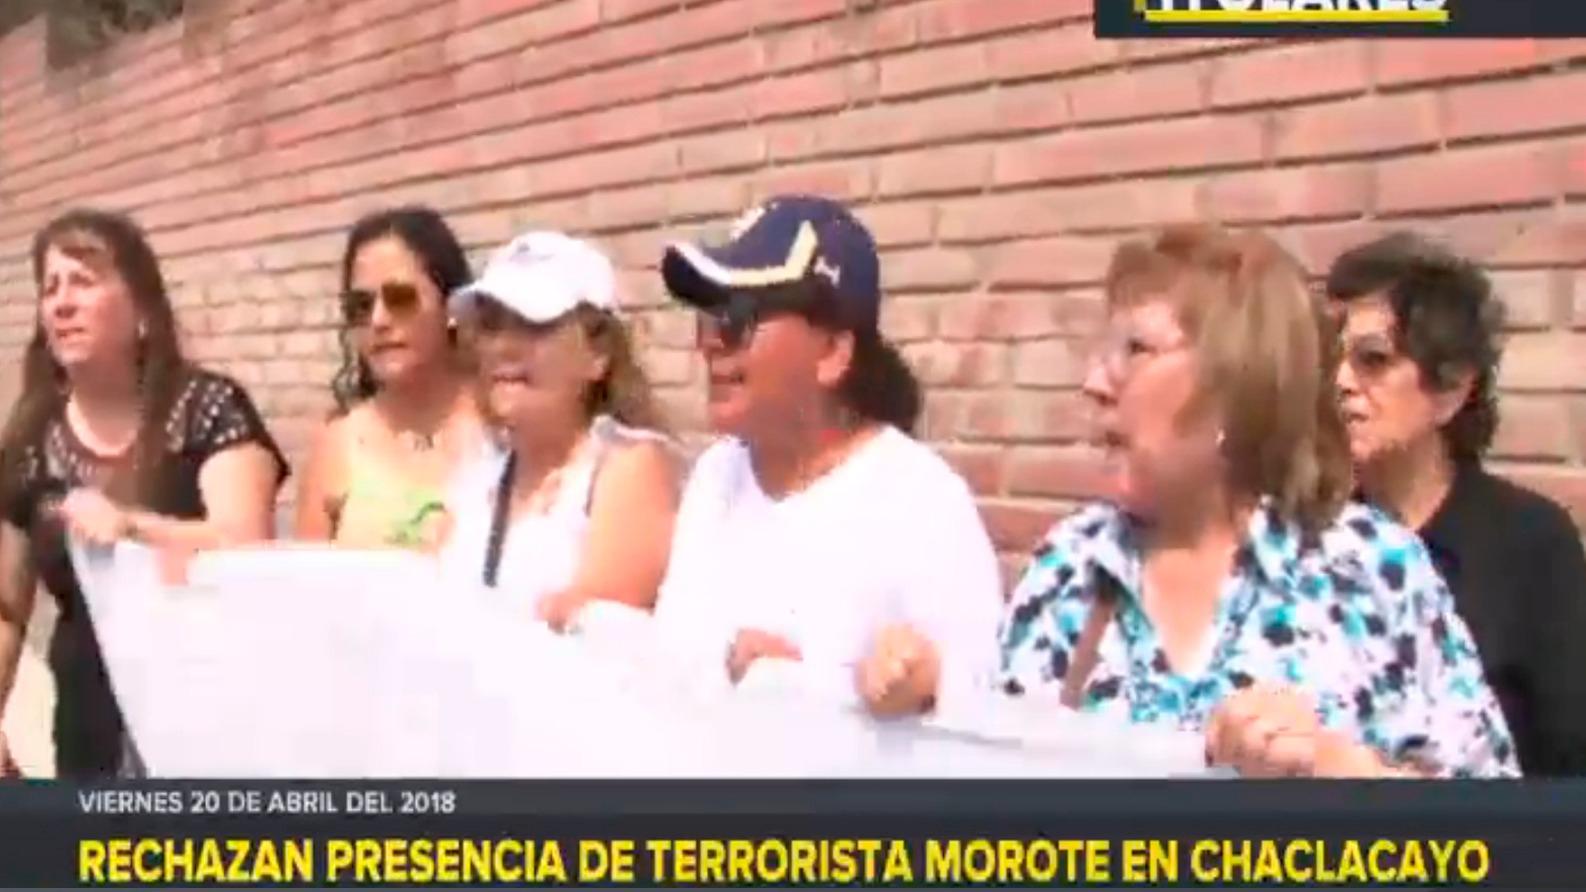 Rechazan presencia de terrorista Morote en Chaclacayo